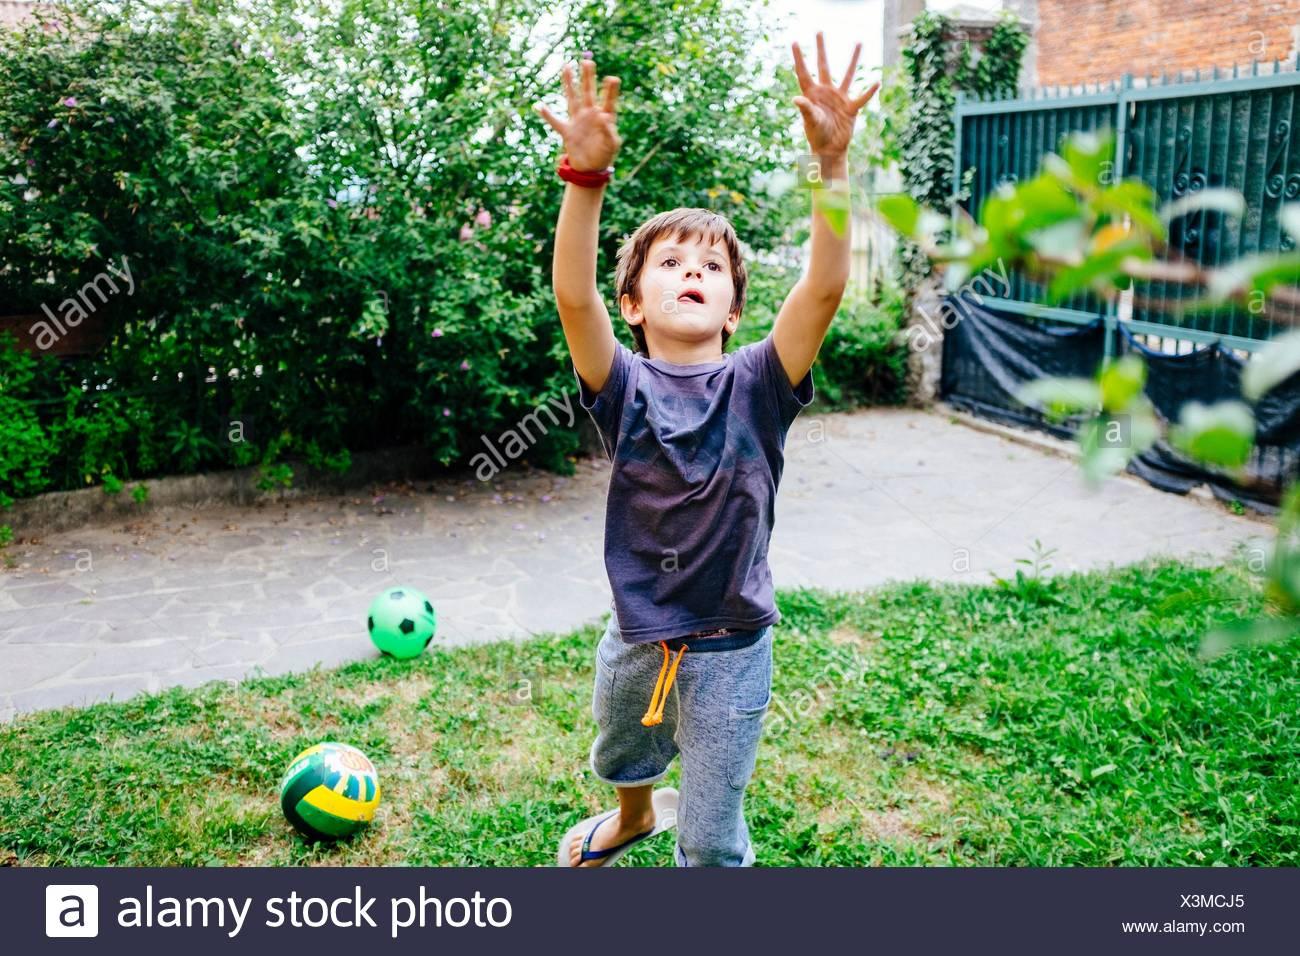 Kind spielt Ball in den Garten des Hauses Stockbild